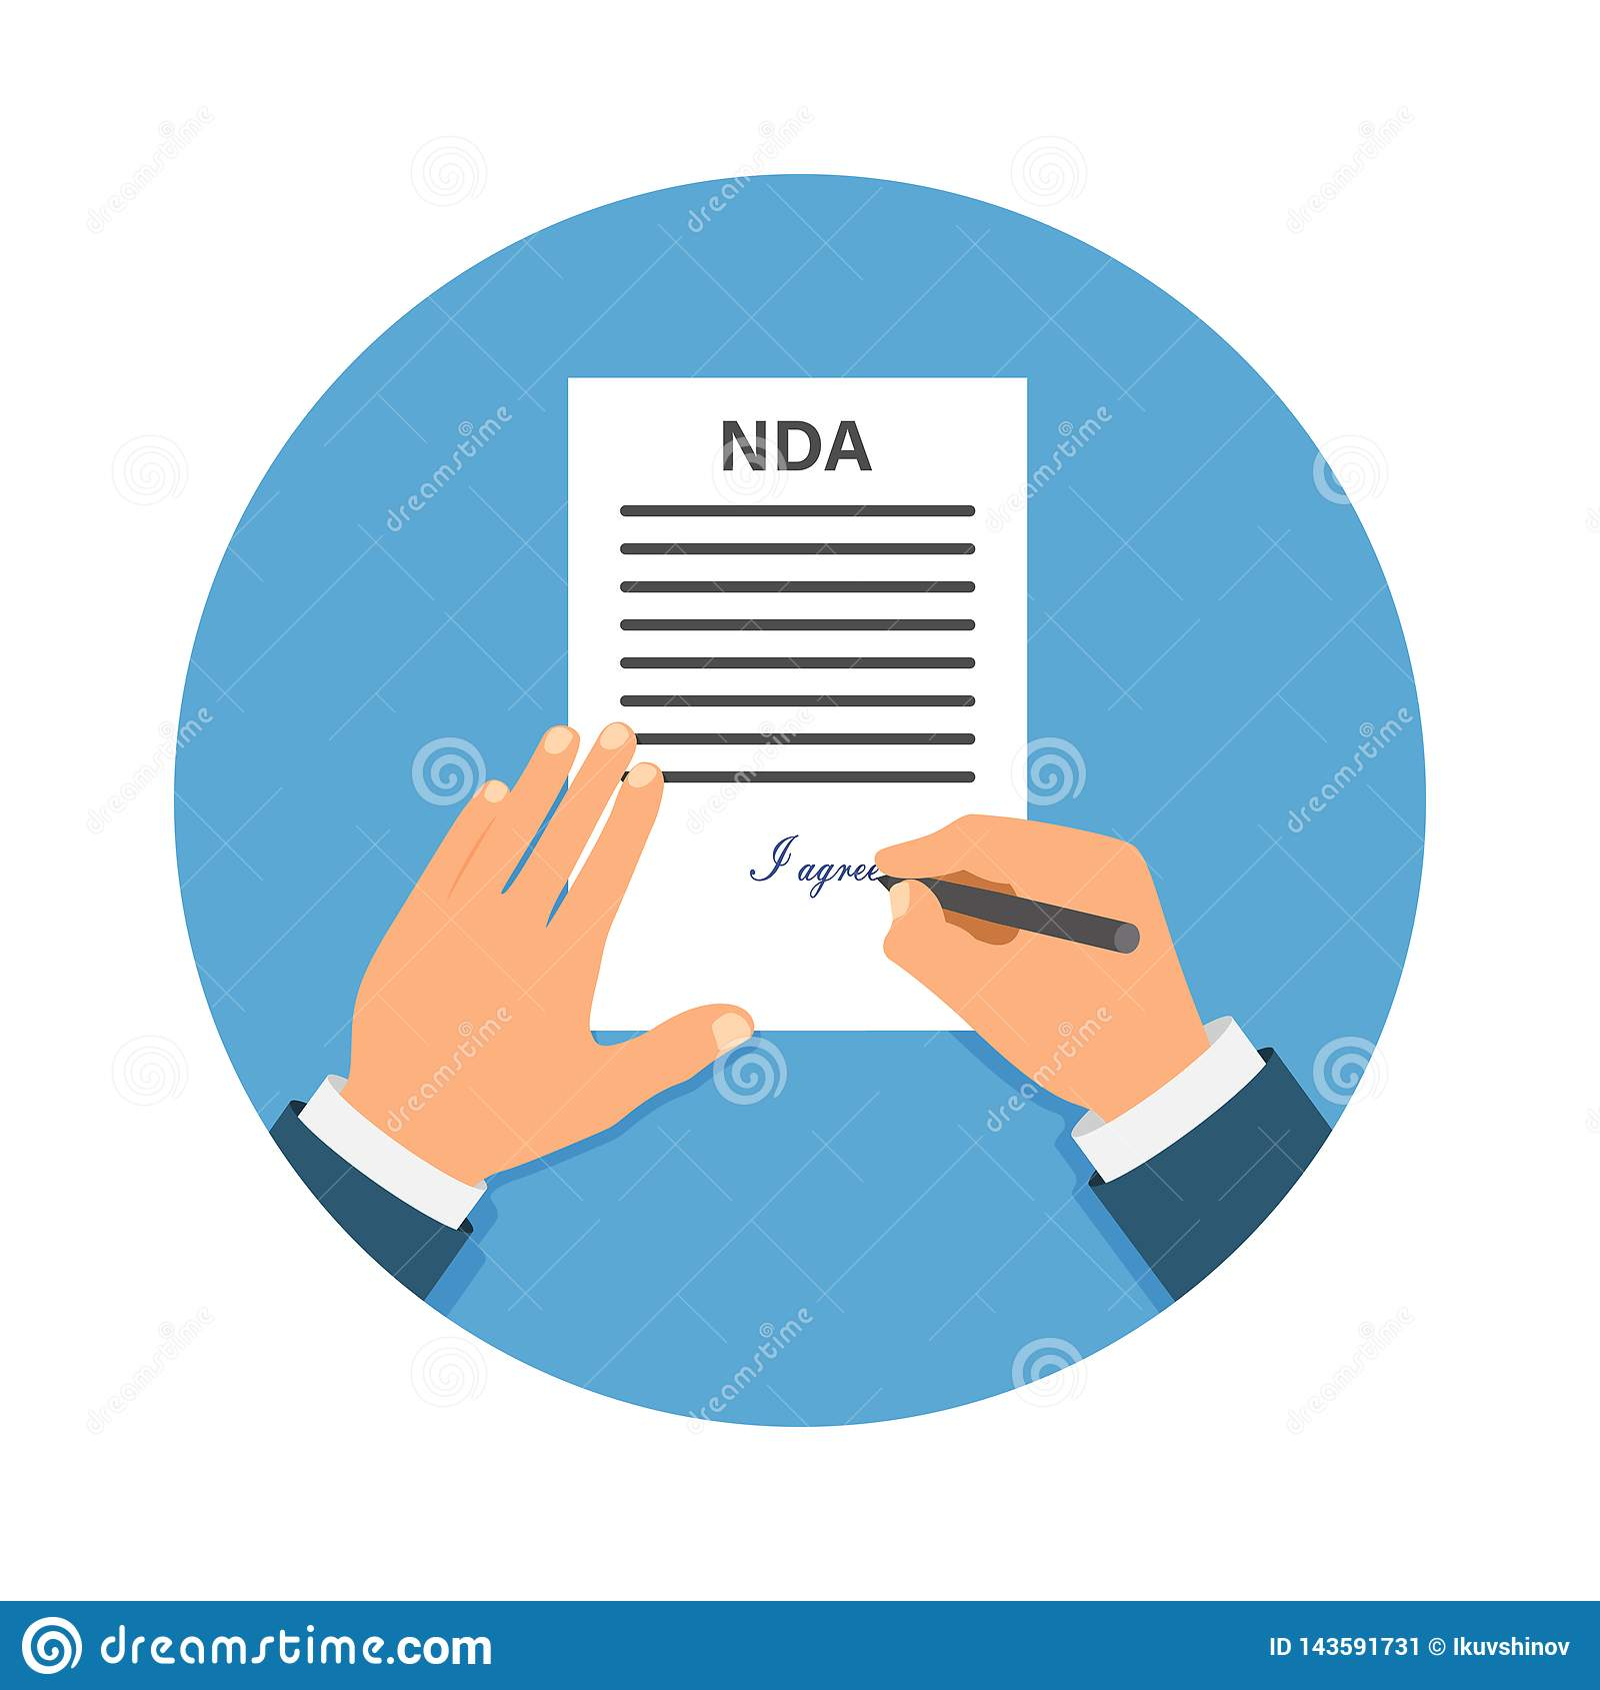 Gekleurde Cartooned-Hand die NDA ondertekenen Contract Ondertekend document NDA-concept Geheime dossiers